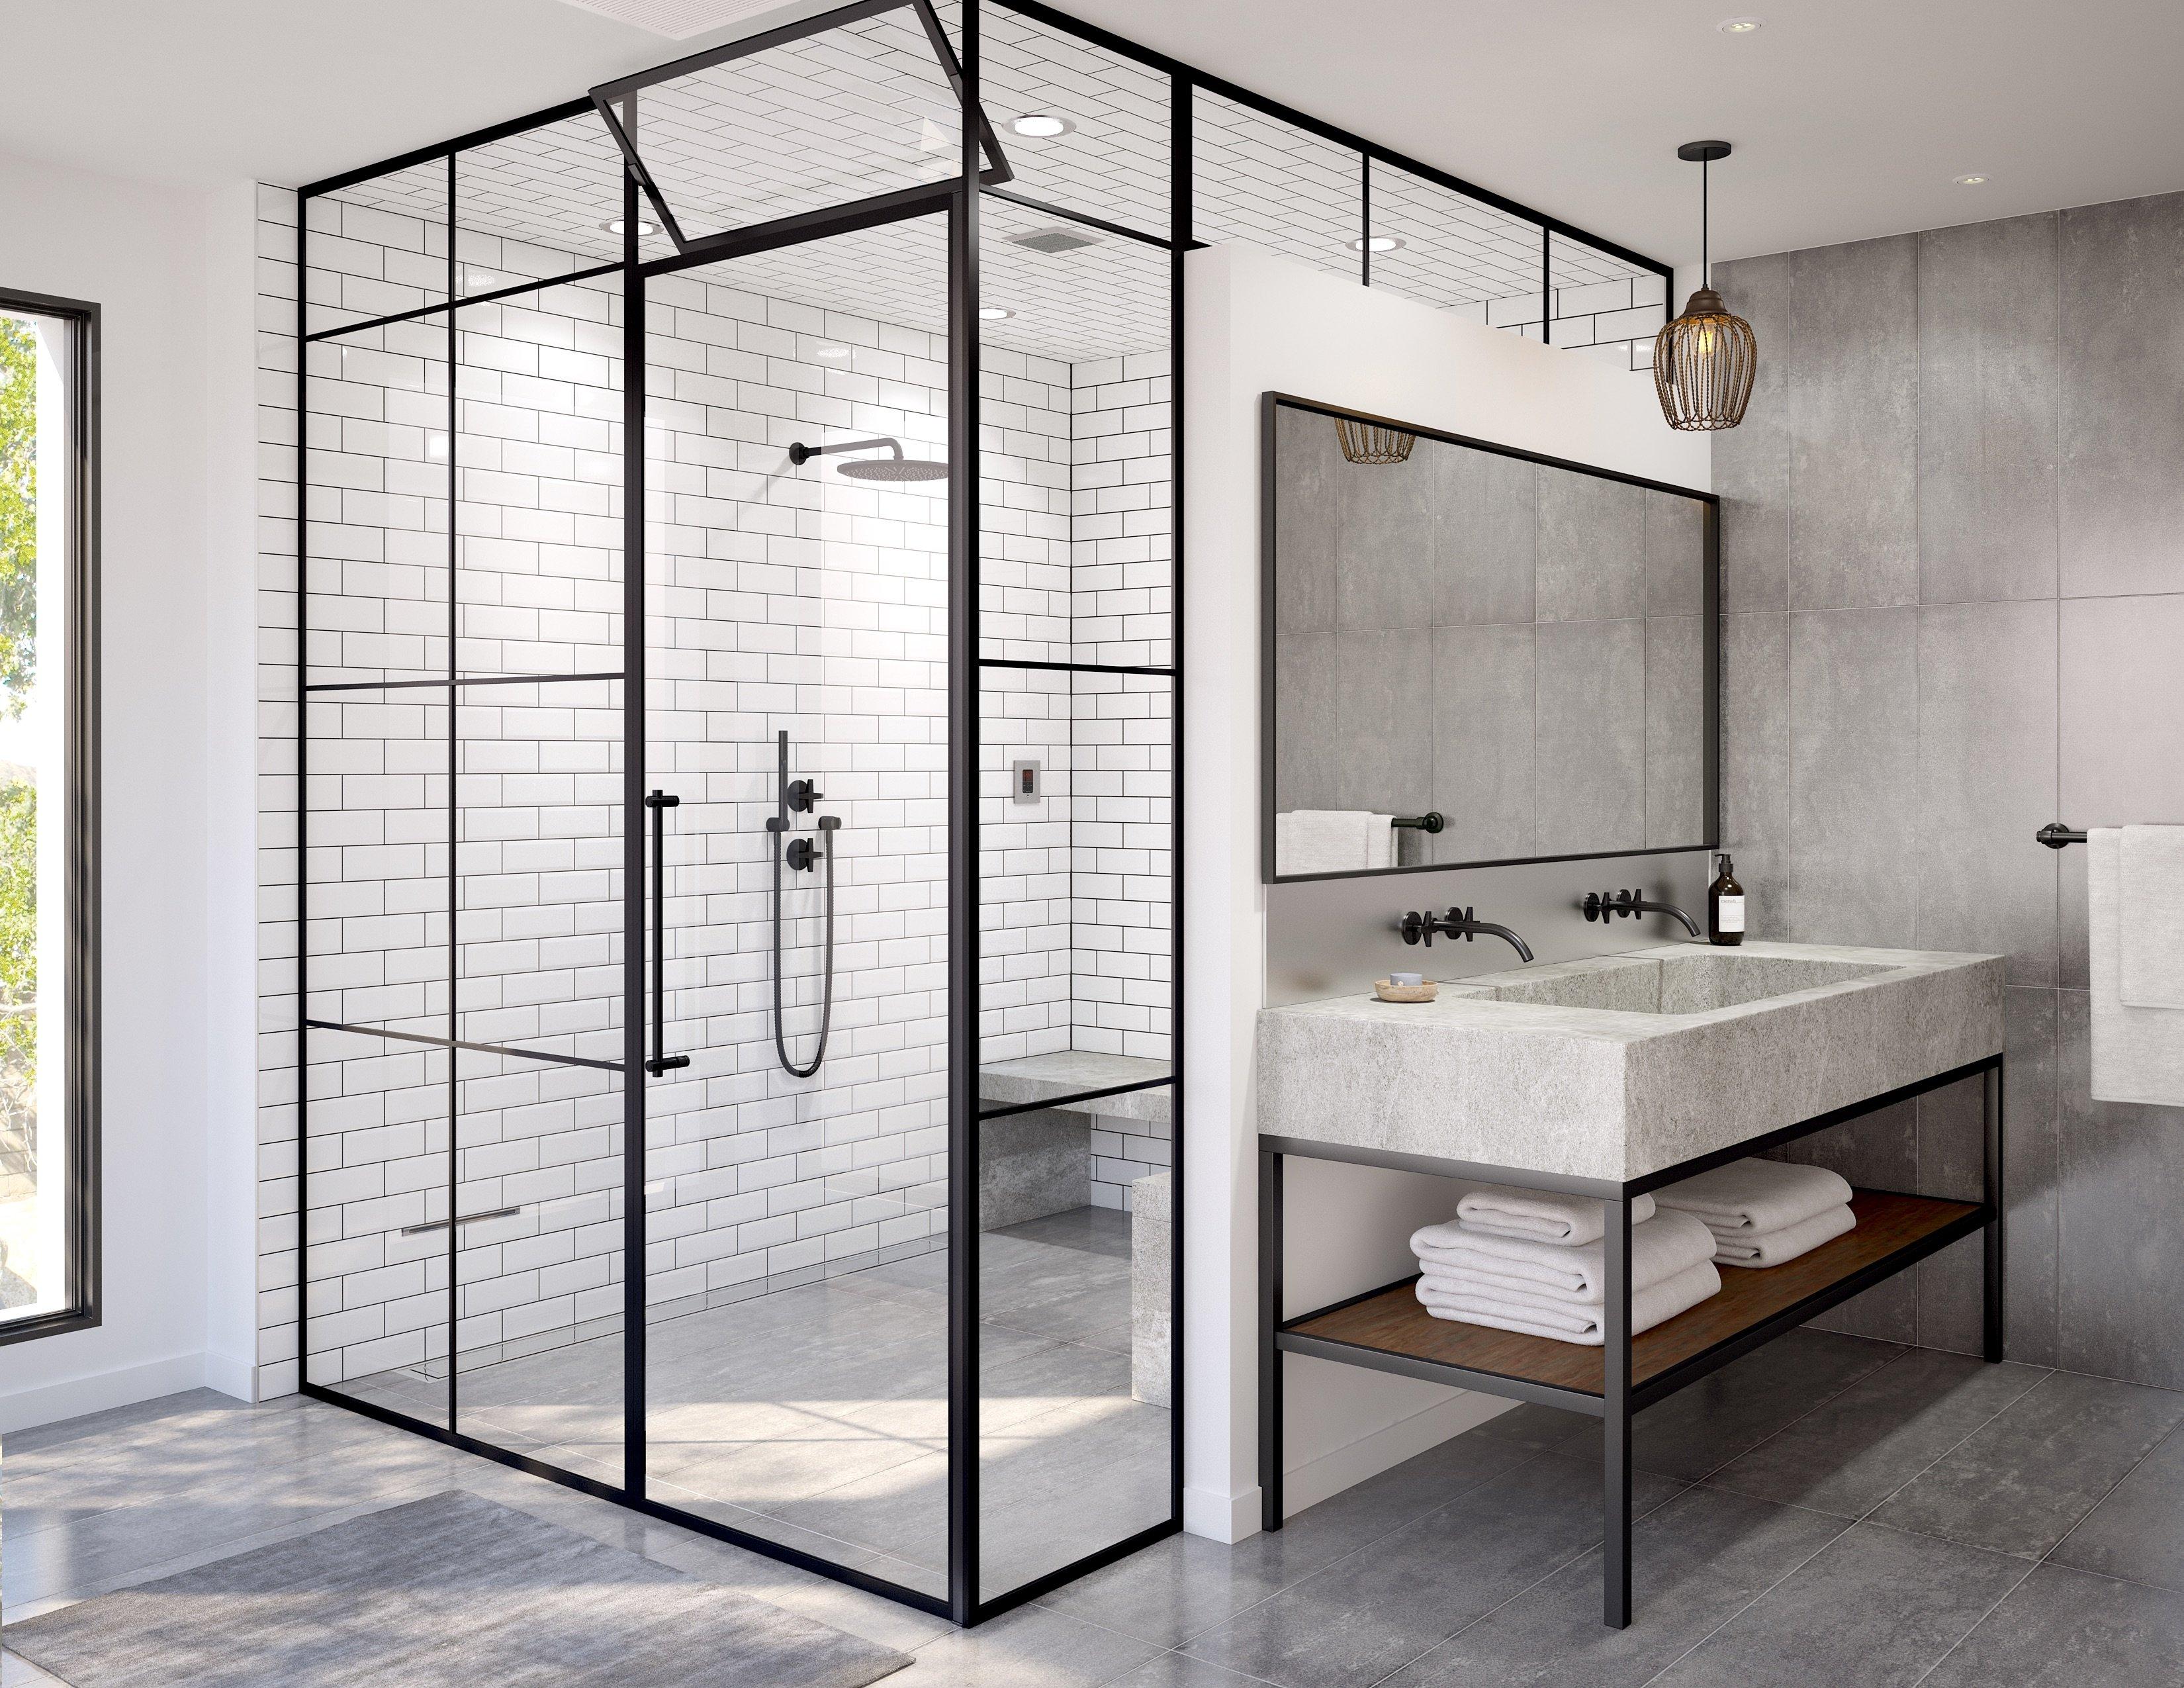 mst2019-05_bathrooms_industrial_final_v1_03